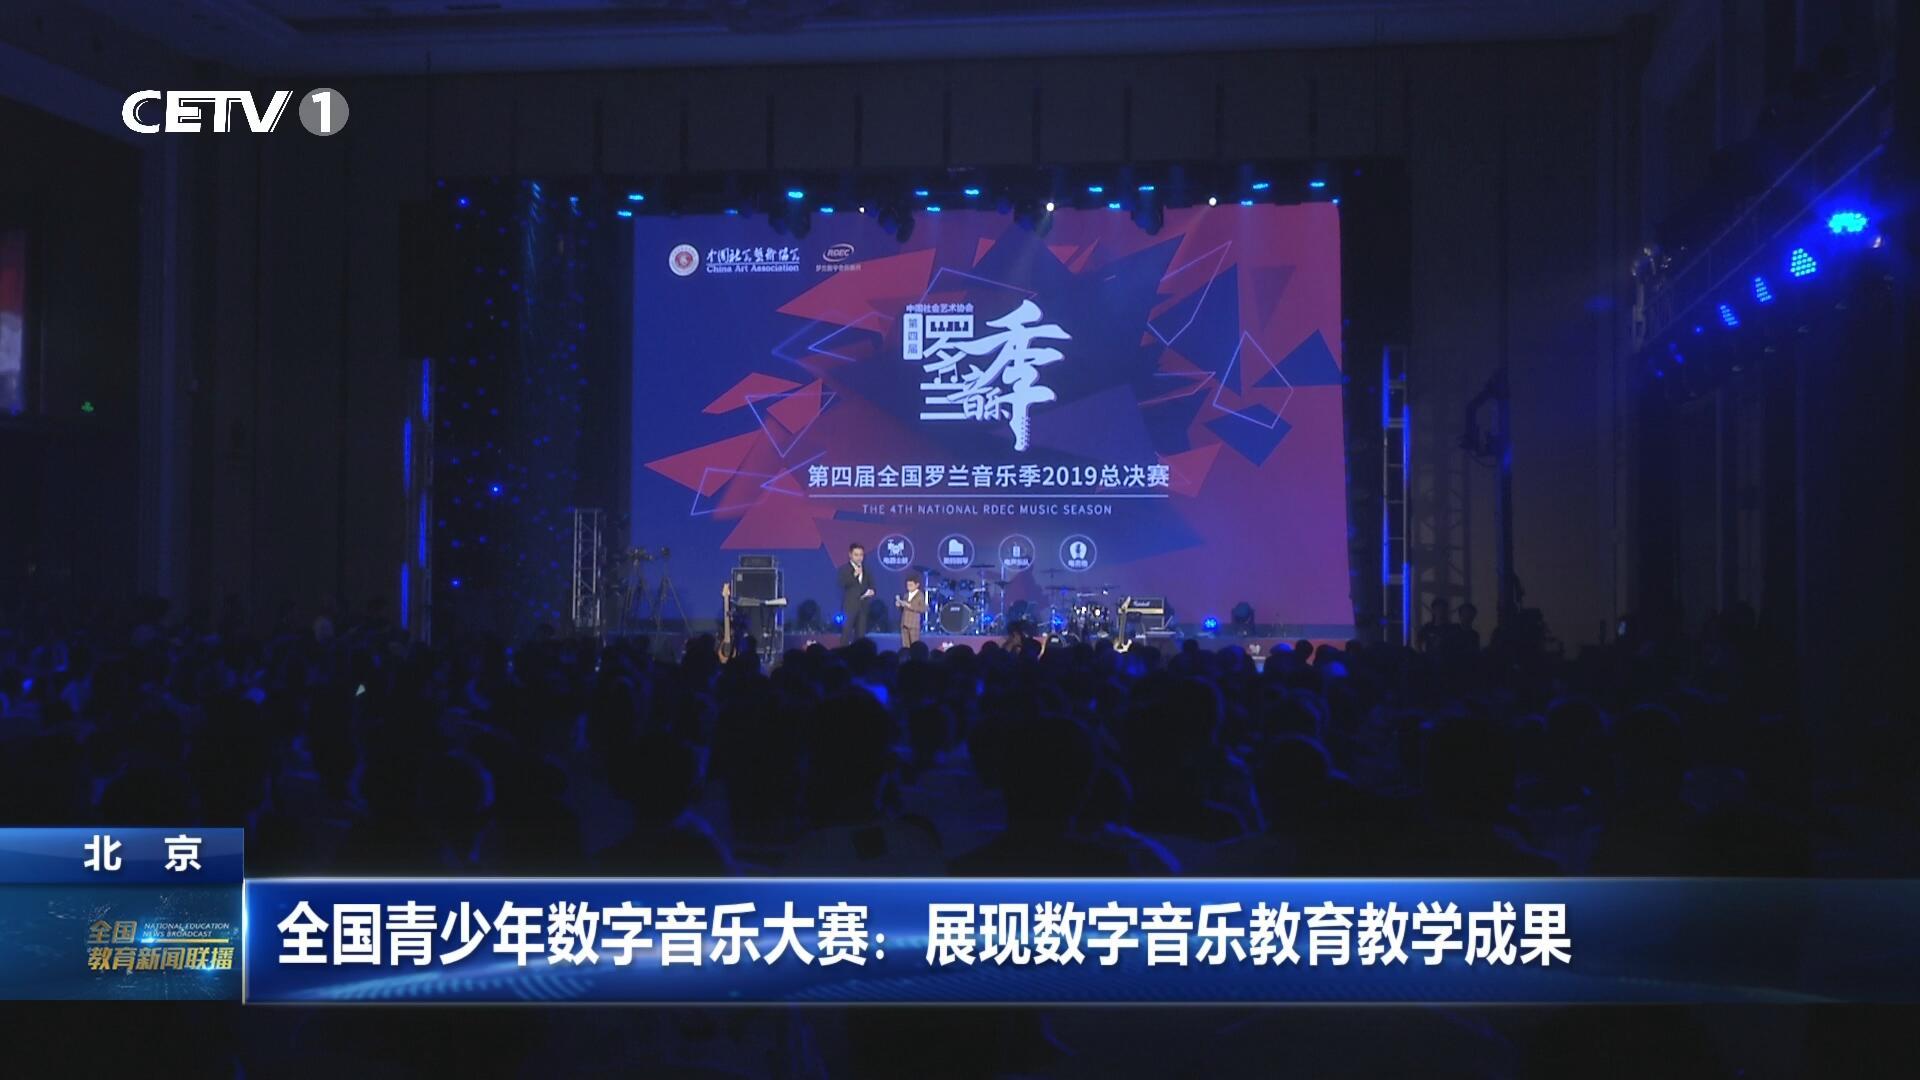 CETV报道:第四届全国罗兰音乐季2019总决赛收官